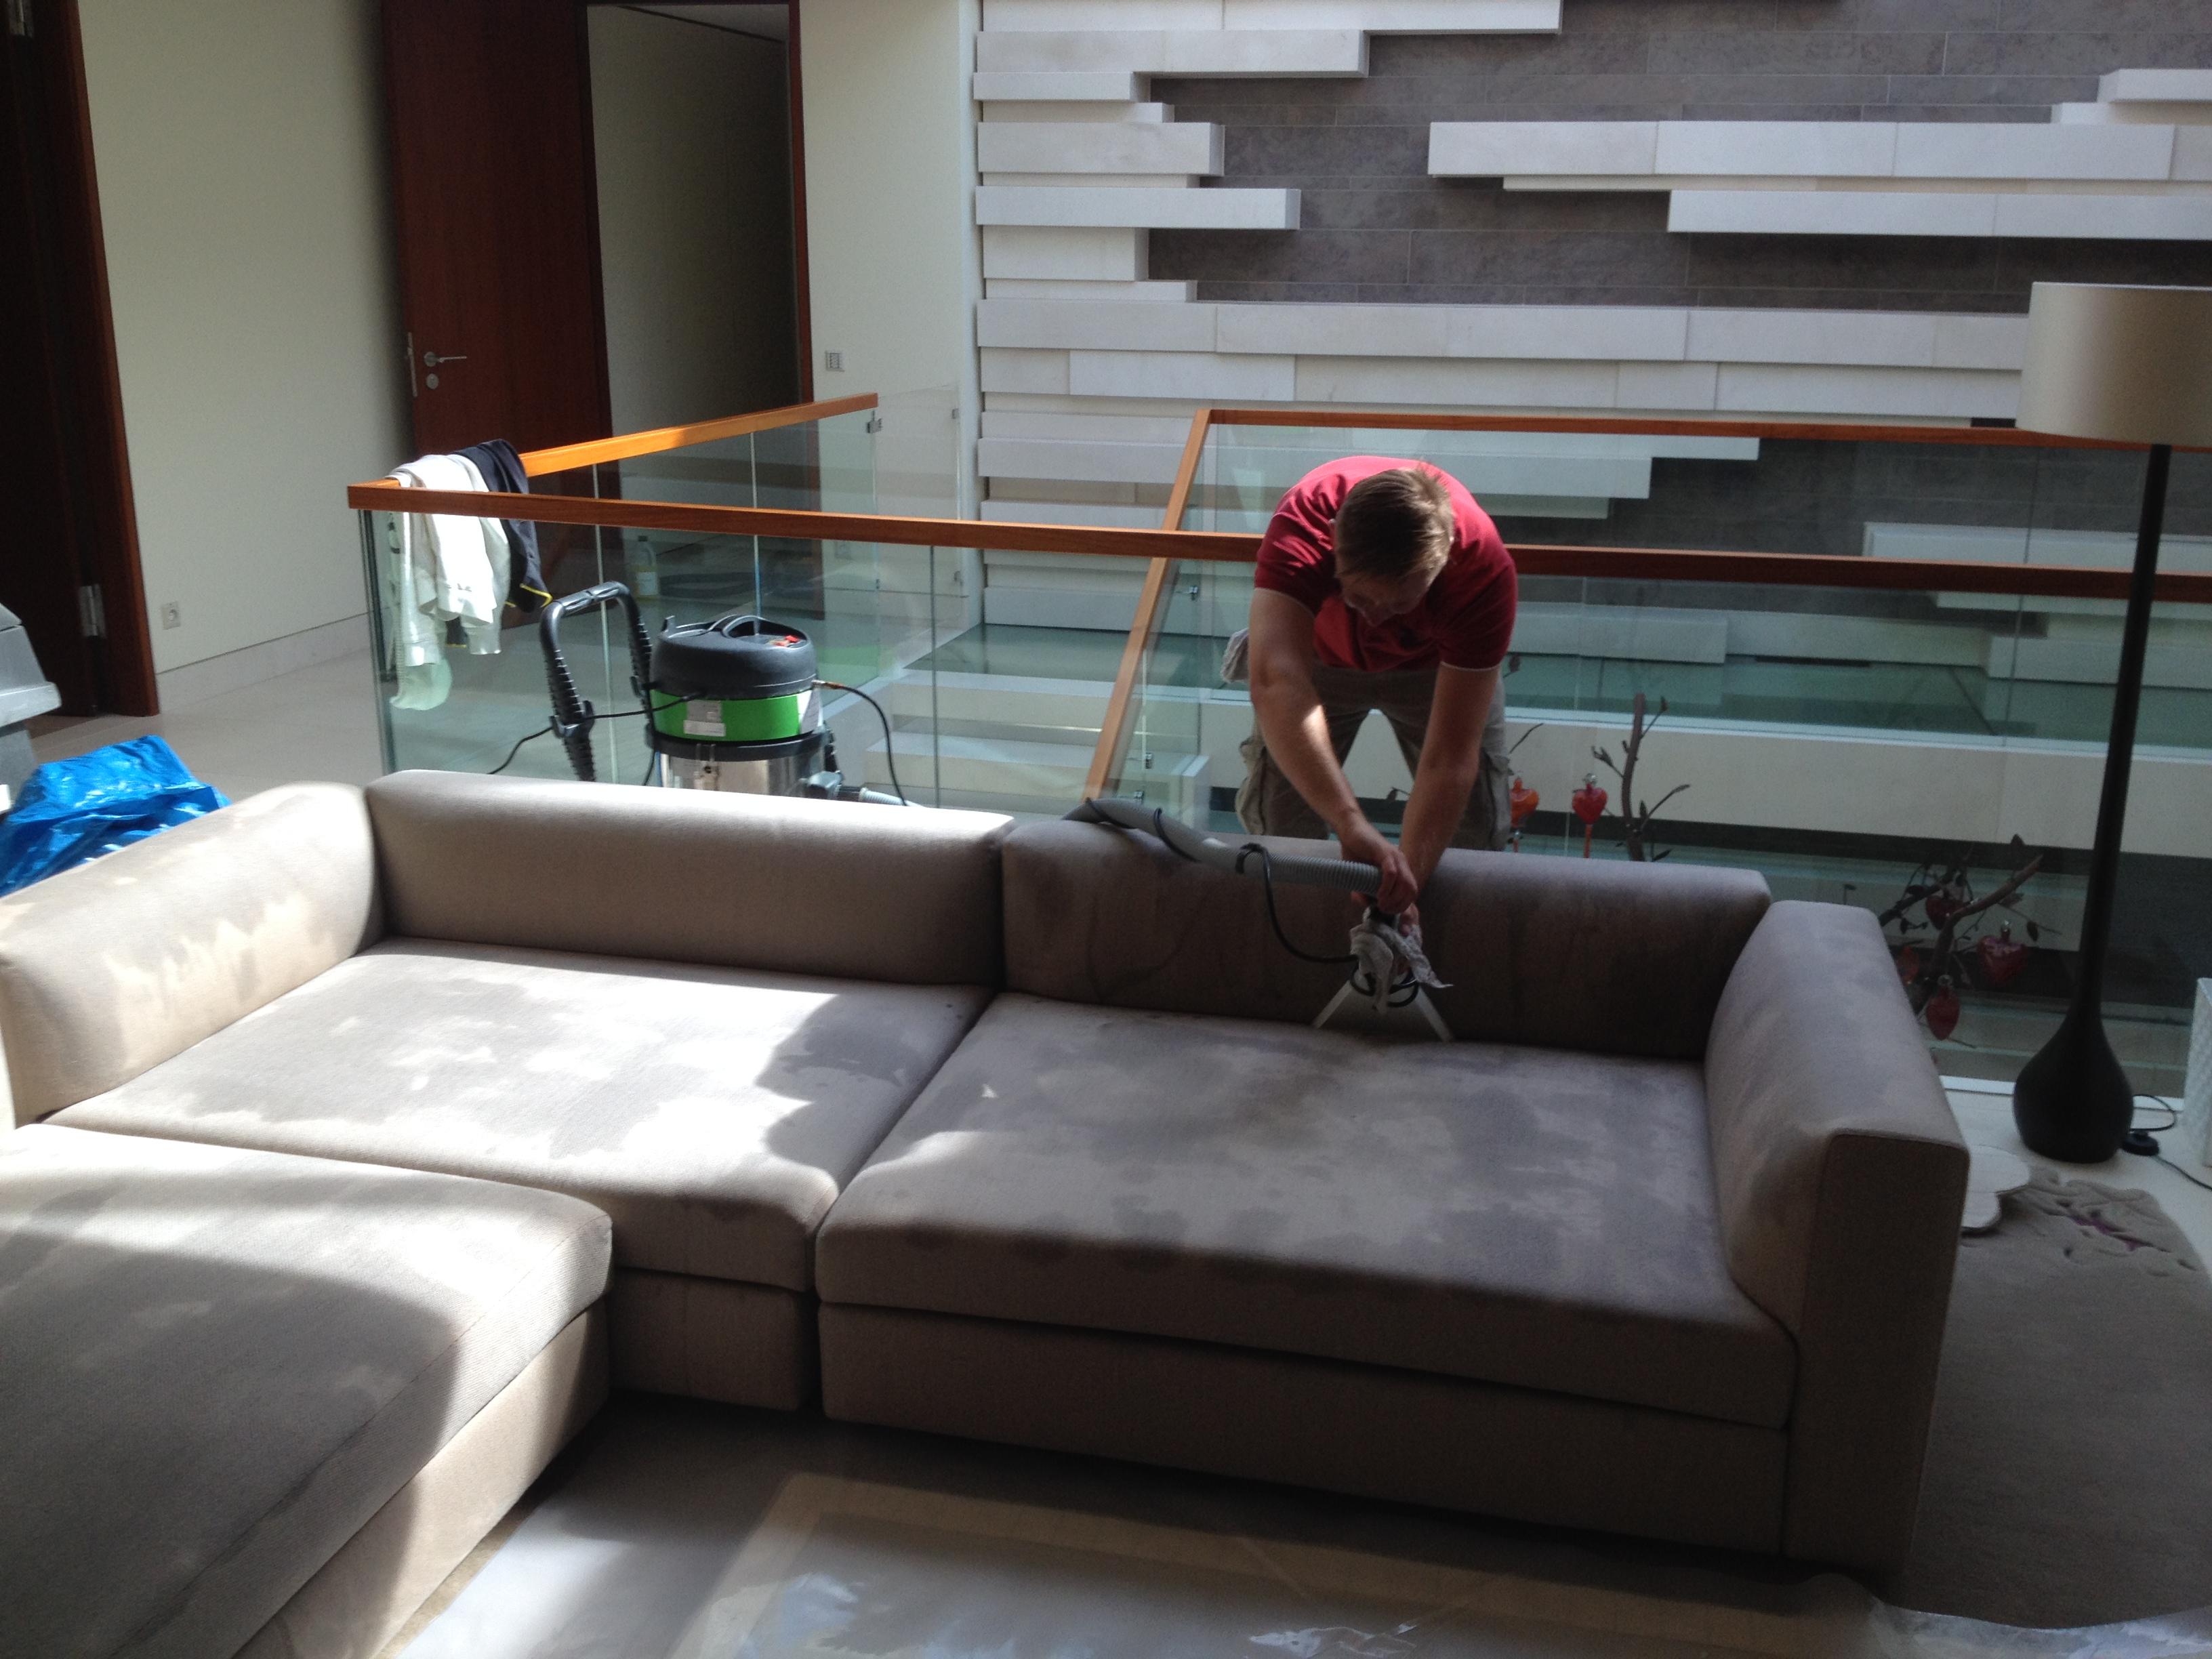 entreprise de nettoyage 06 cannes nice antibes monaco clean pro nettoyage de canap s chaises. Black Bedroom Furniture Sets. Home Design Ideas